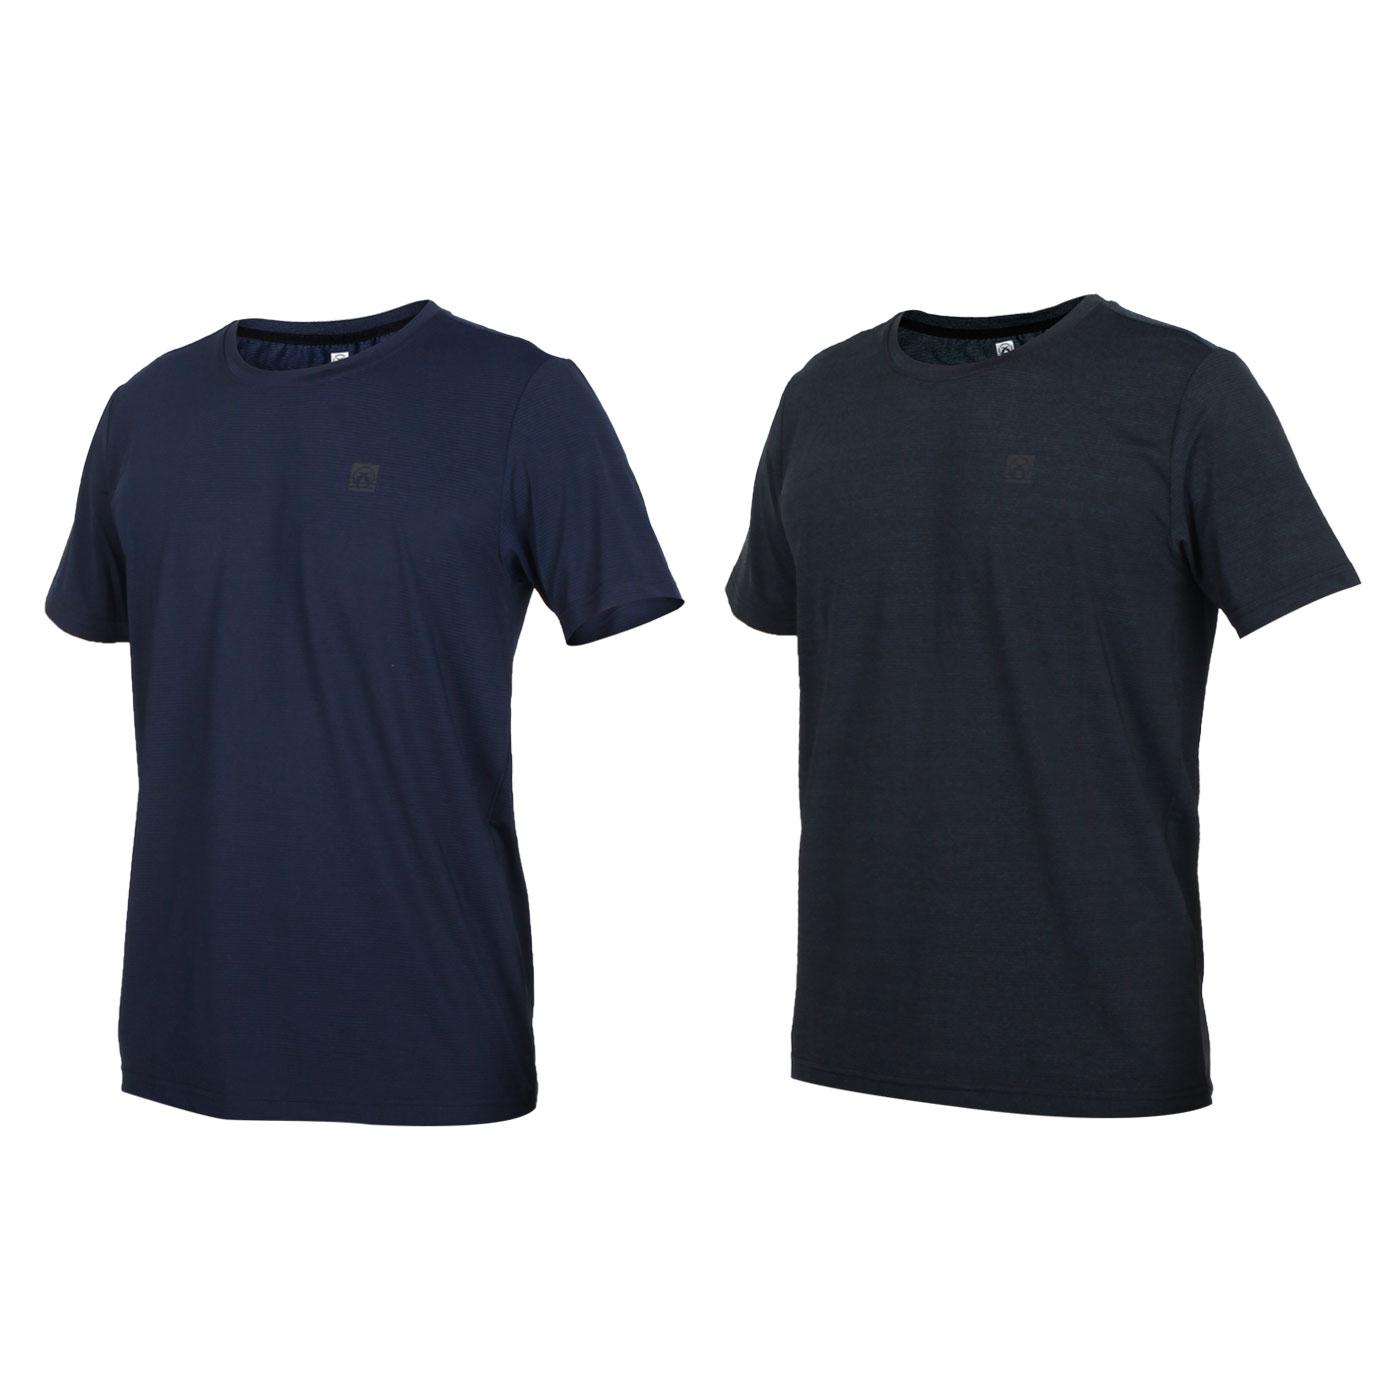 FIRESTAR 男款彈性圓領短袖T恤 D0531-93